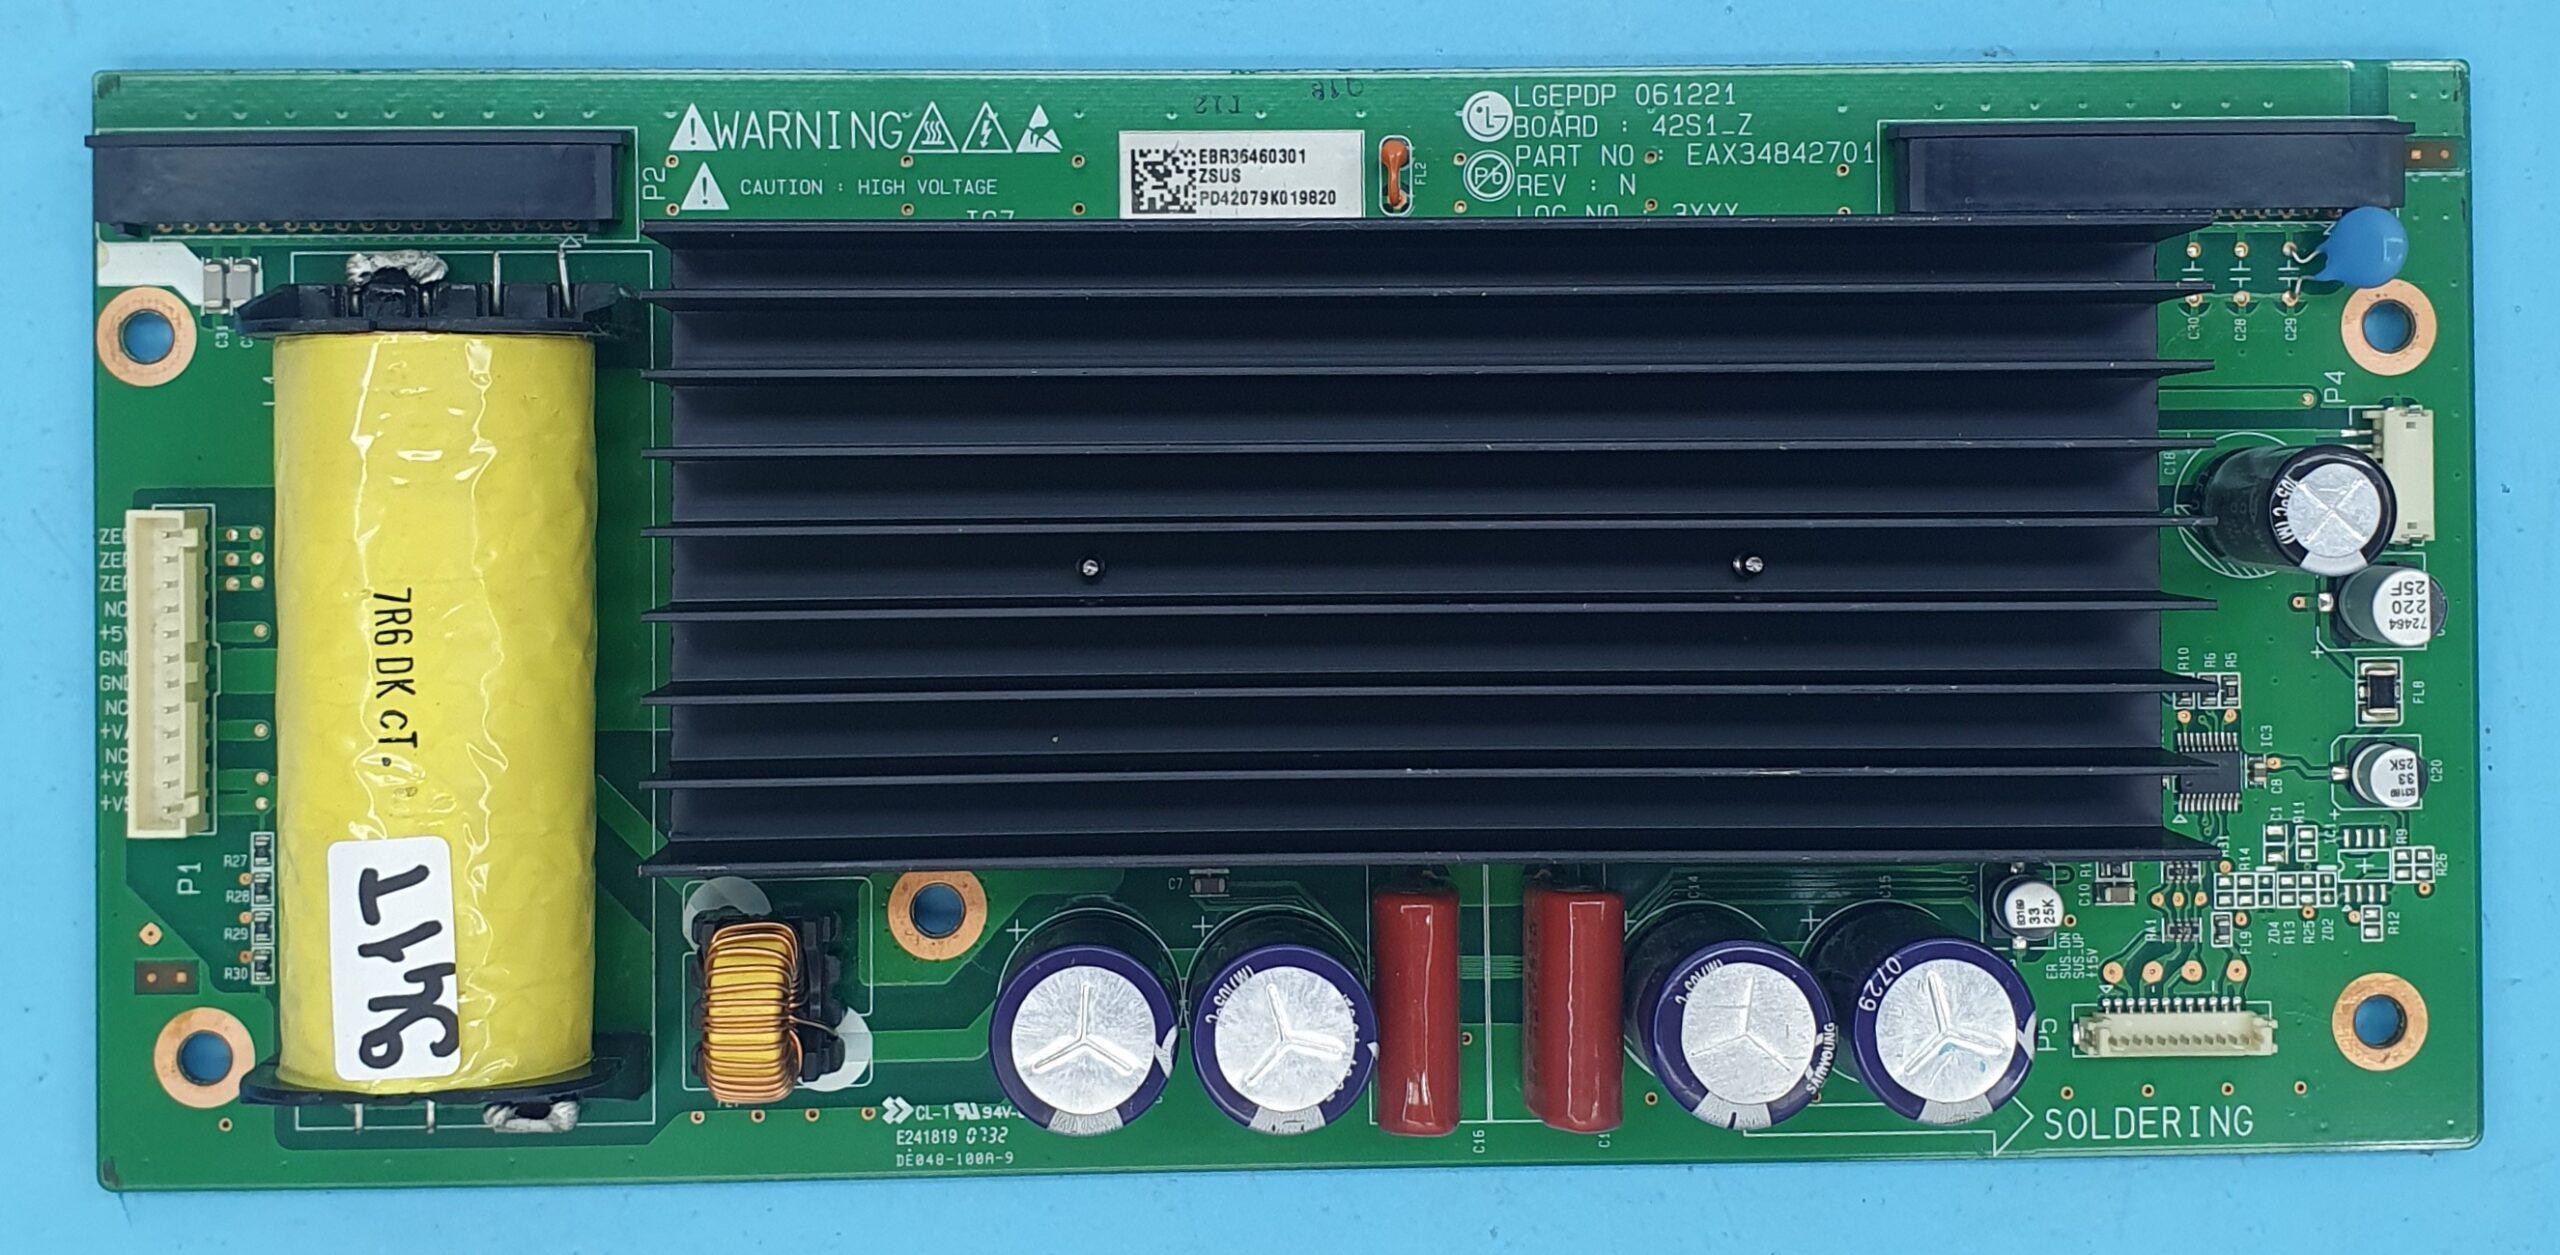 EAX34842701 LG Z-SUS (KDV DAHİL = 118 TL)